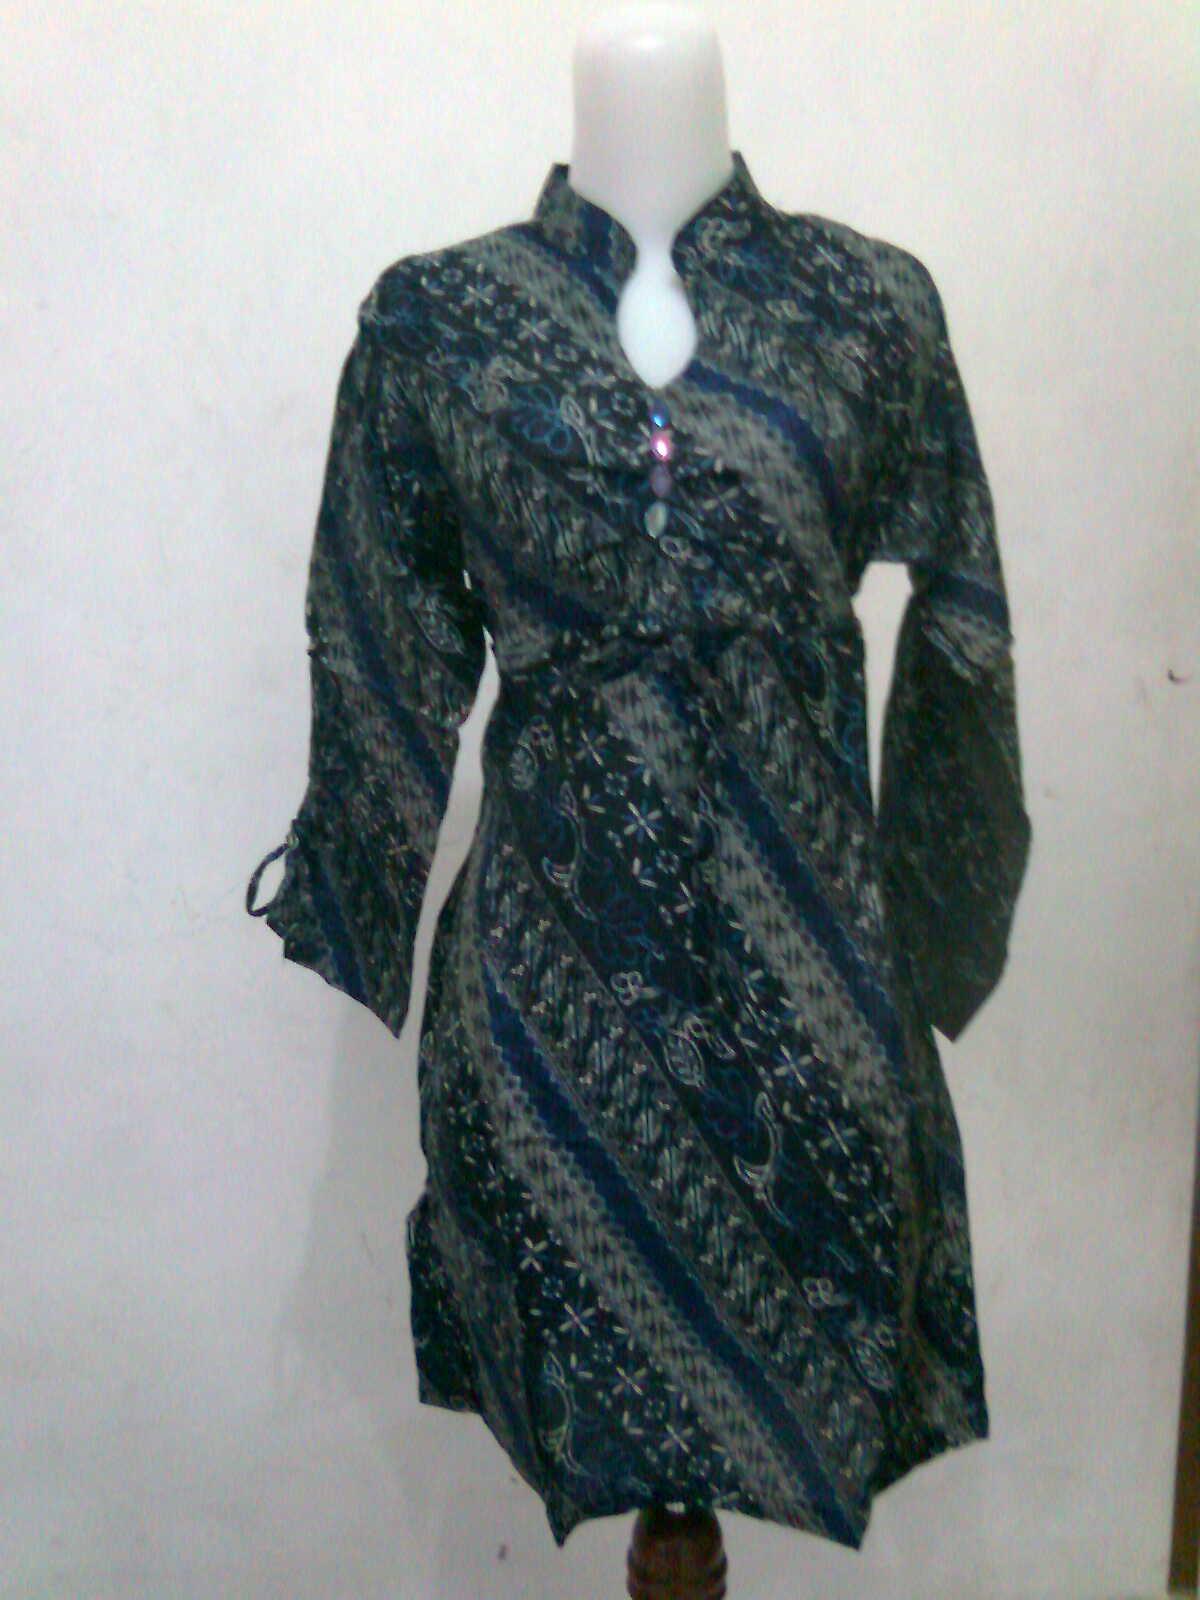 Jenis jenis baju update Gambar baju gamis batik wanita